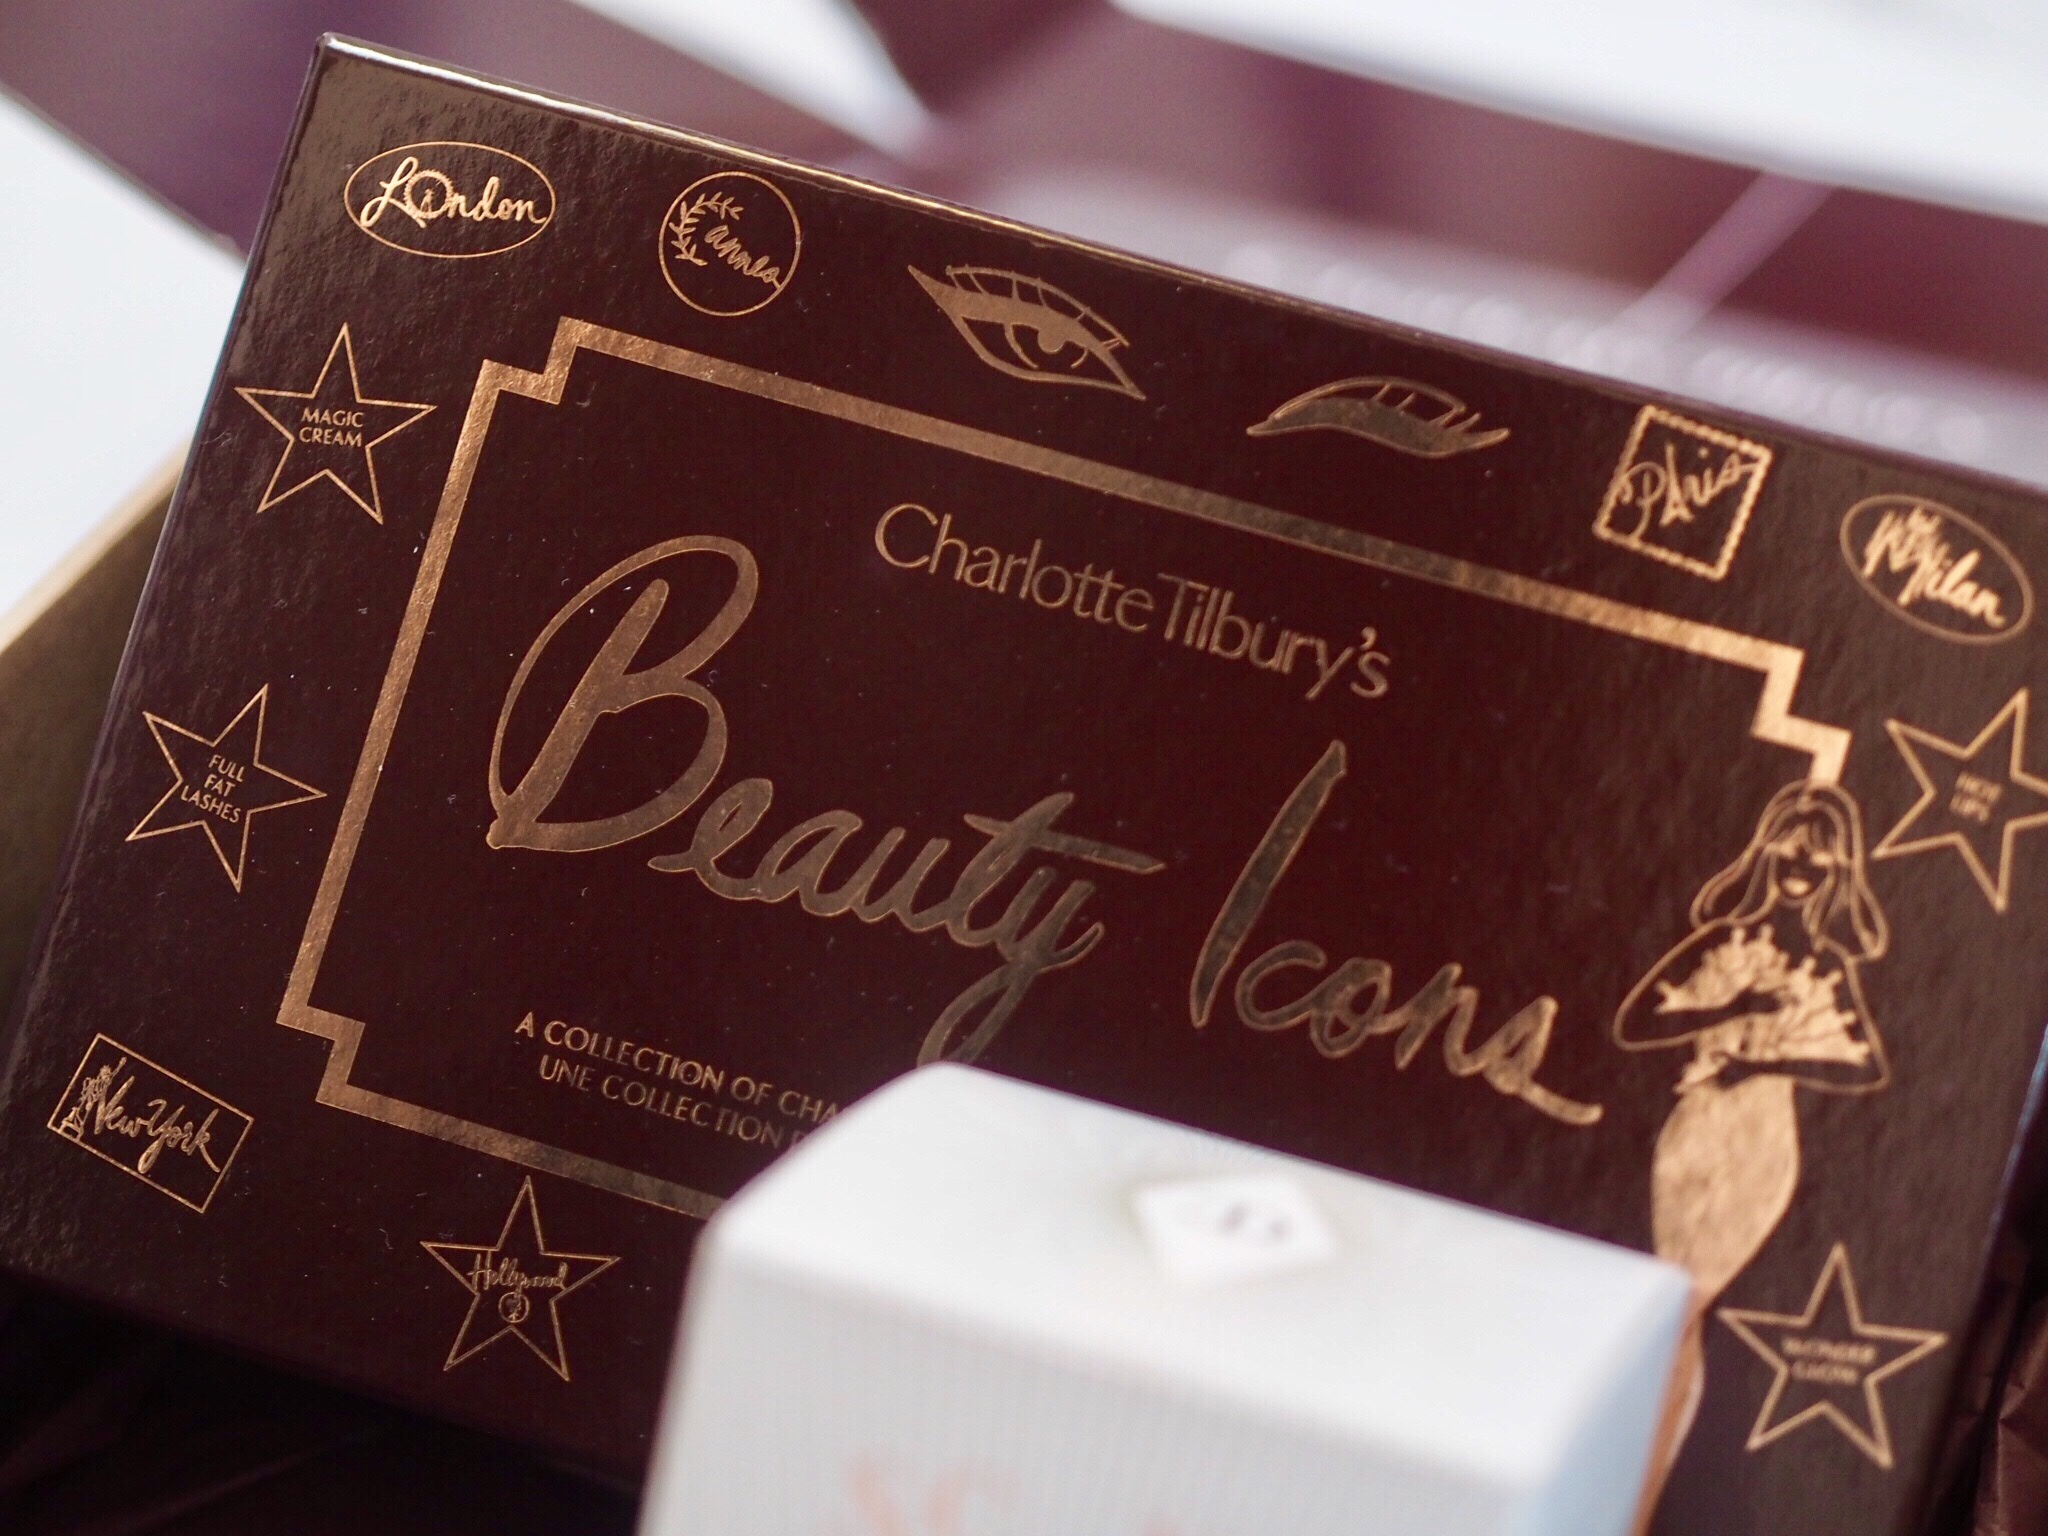 Charlotte Tilbury PR package